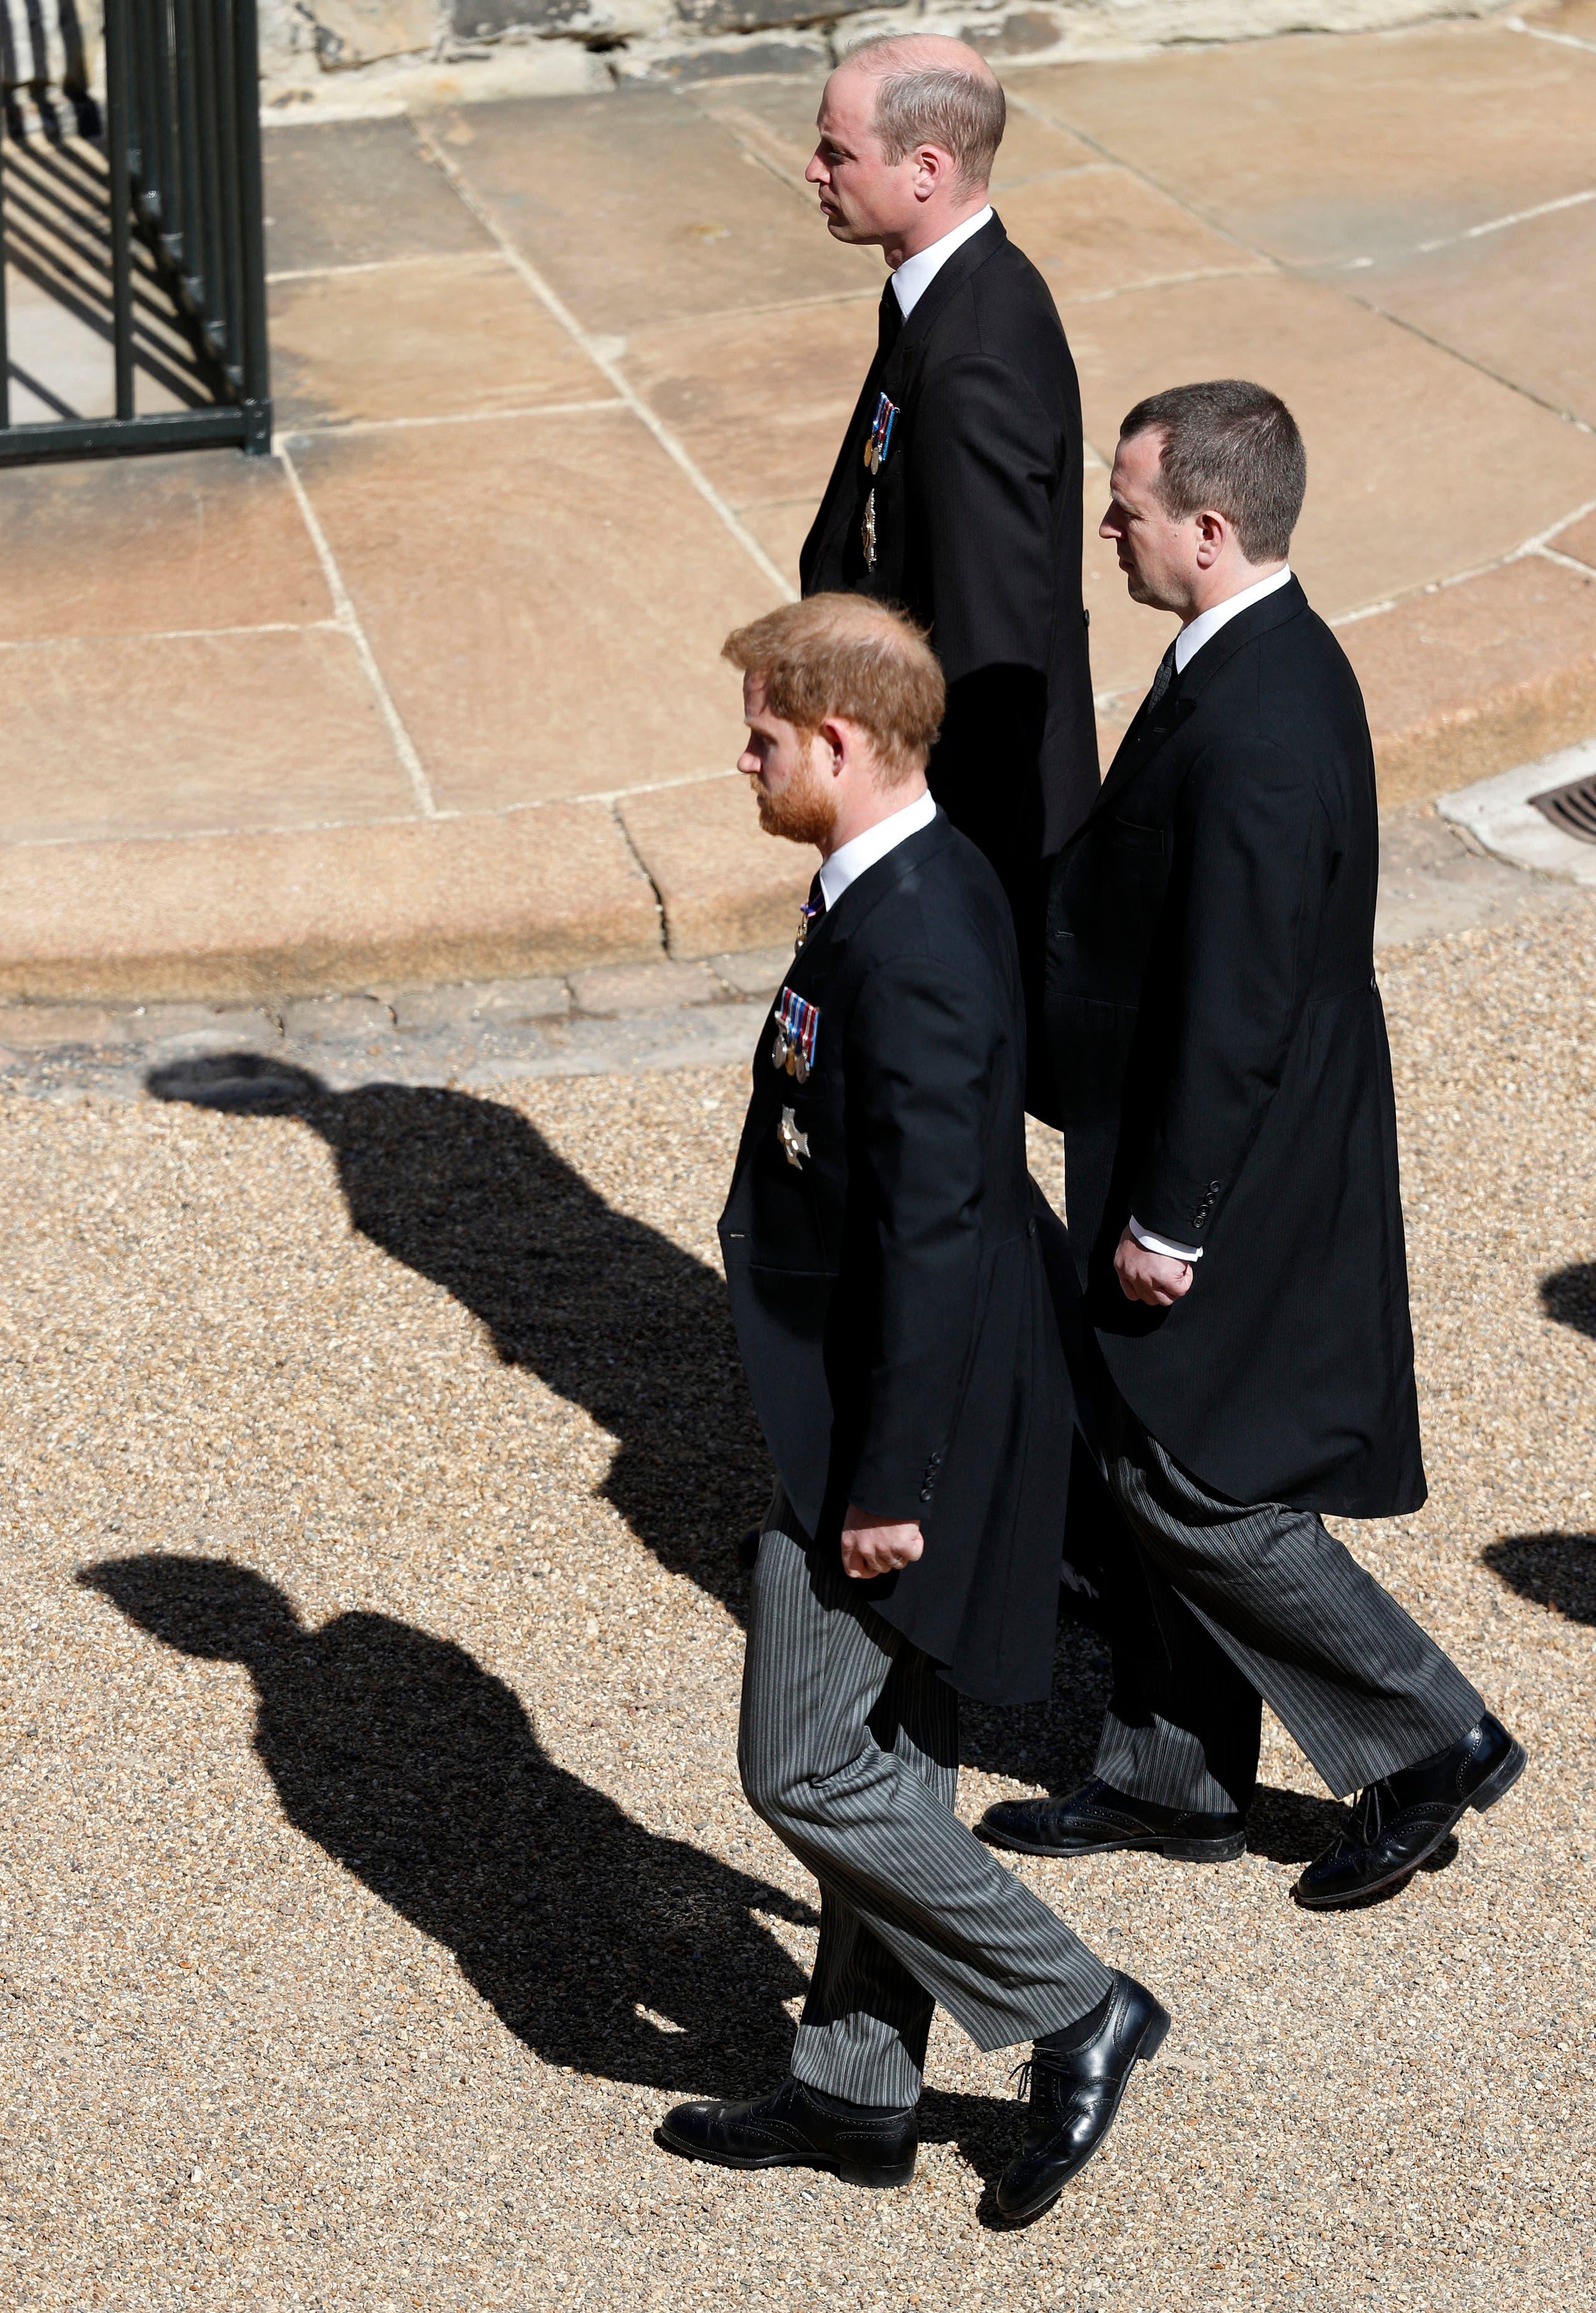 بيتر فيليبس، نجل الأميرة آن ابنة الملكة إليزابيث يتوسط الأمير وليام وأخيه هاري